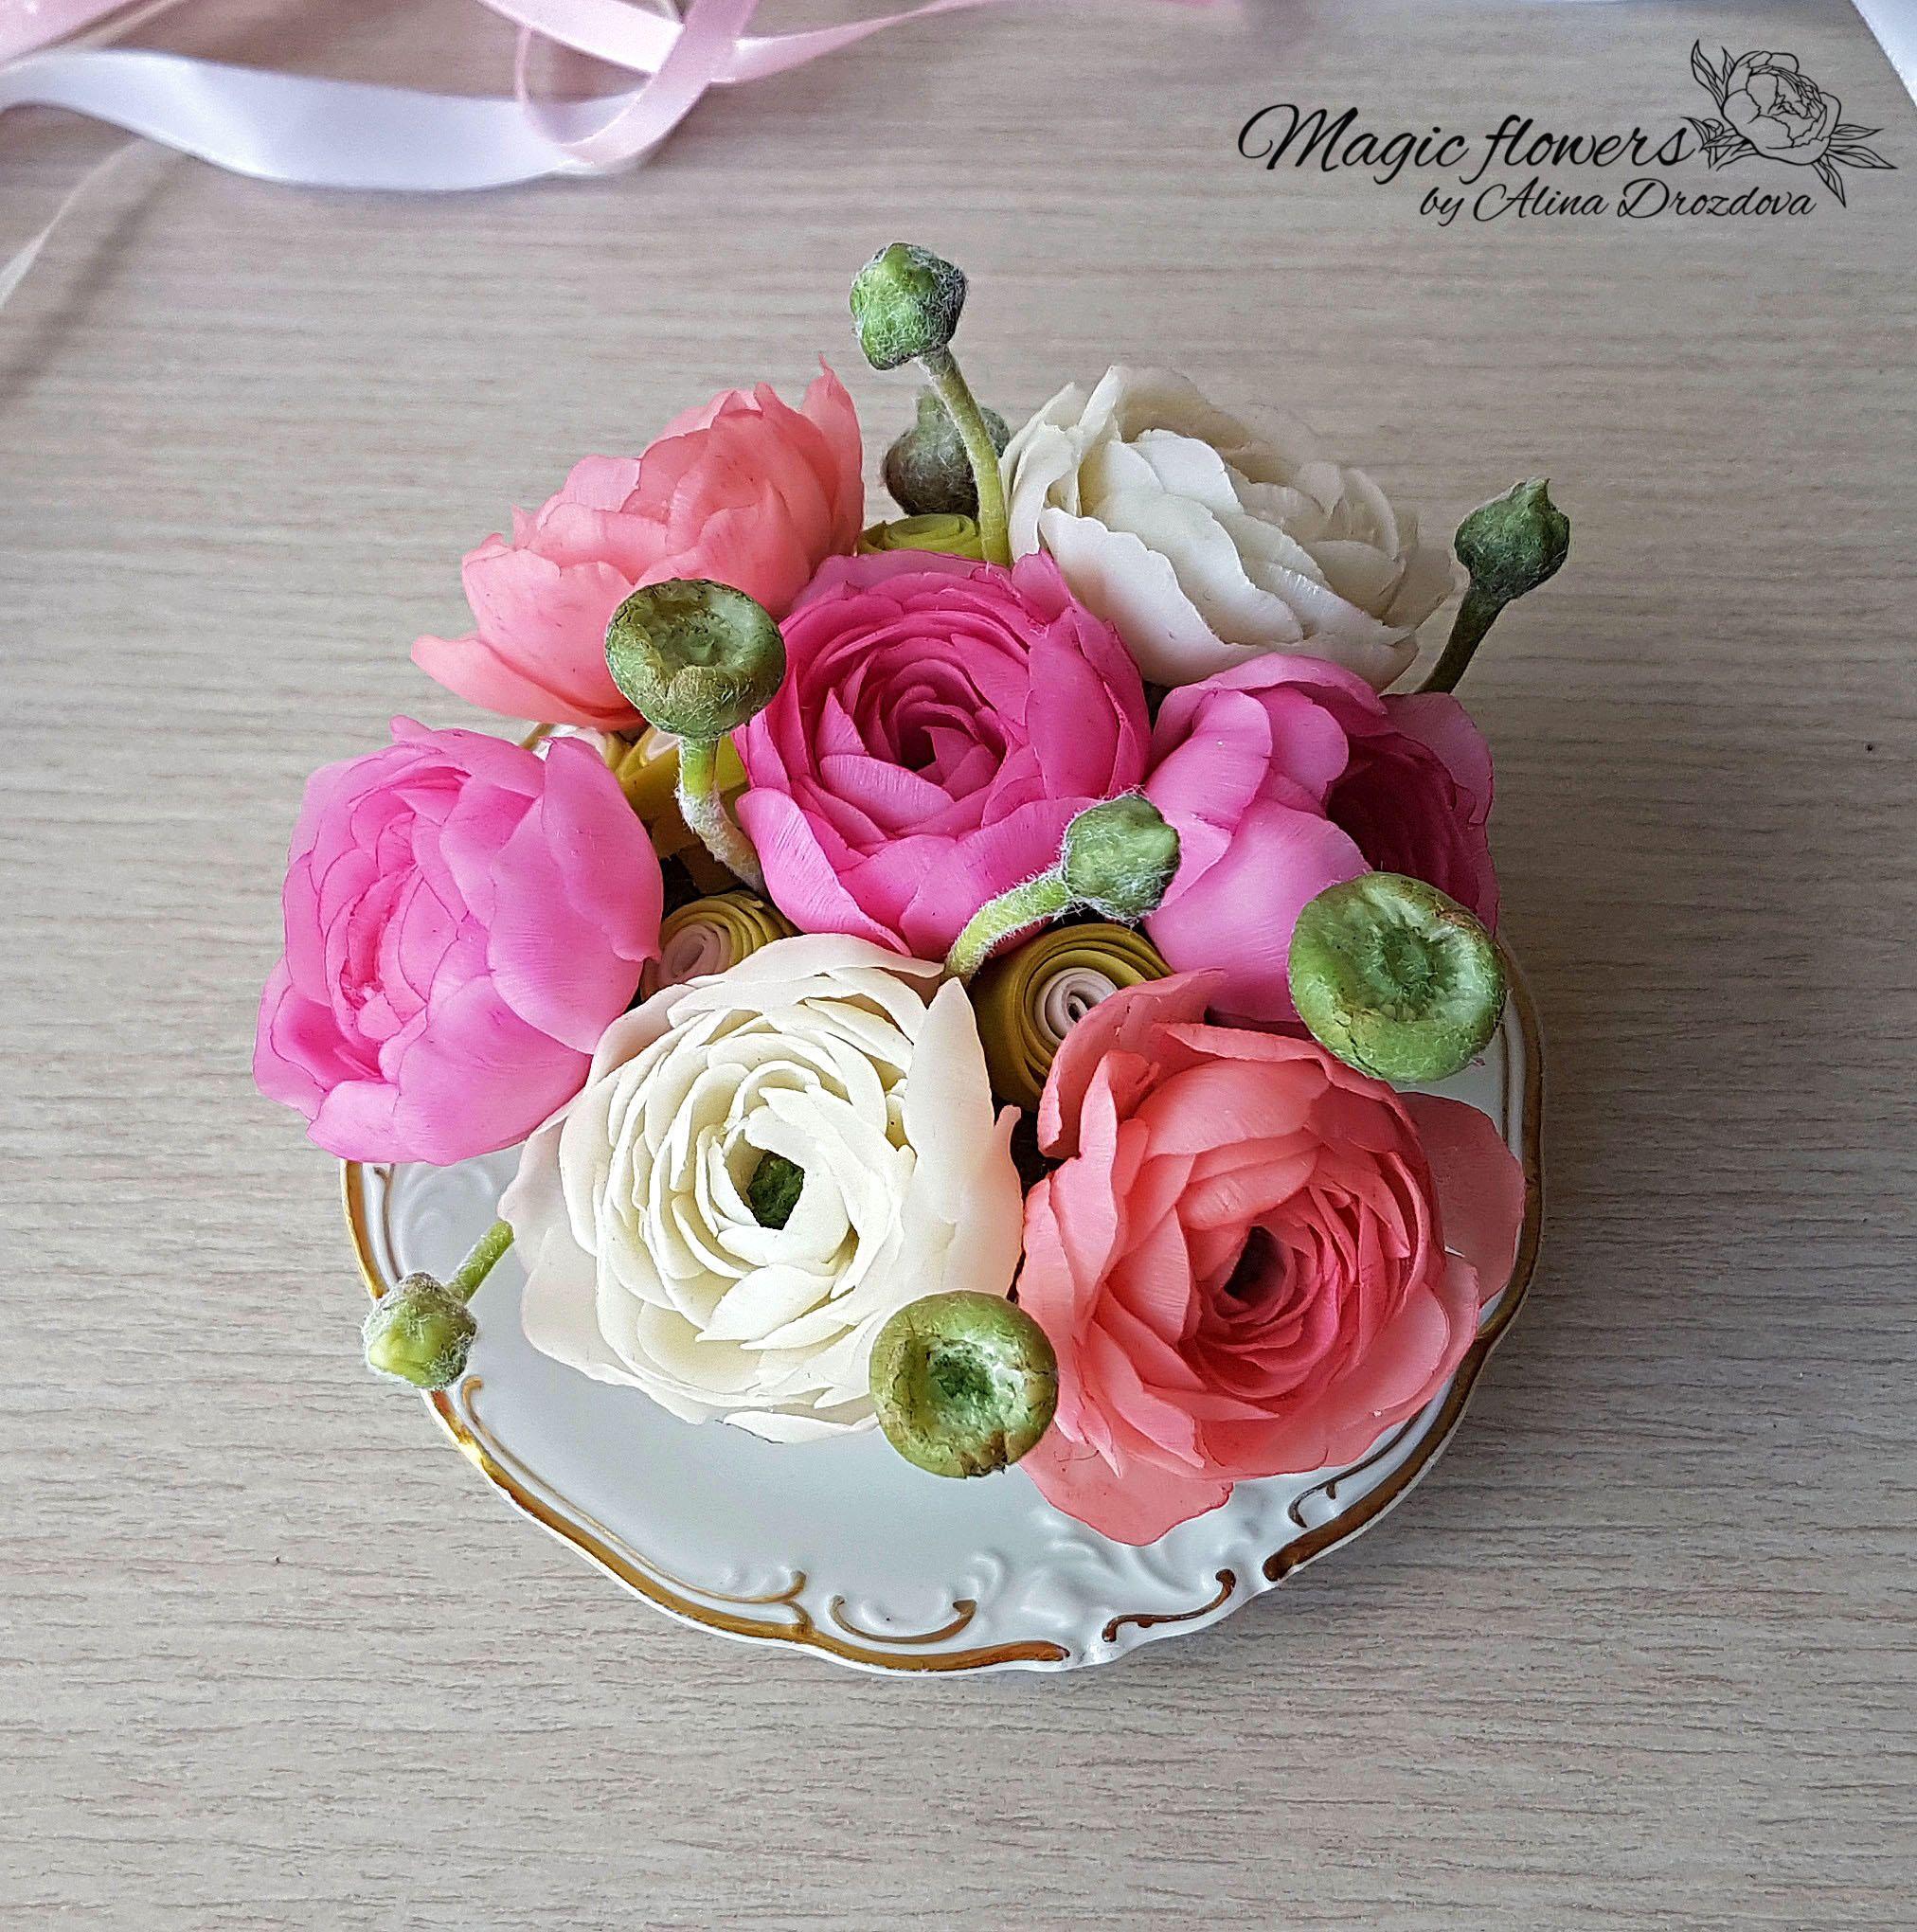 Ranunculus Flowers Tea Cup Arrangement Cold Porcelain Flowers Etsy In 2020 Porcelain Flowers Cold Porcelain Flowers Ranunculus Flowers